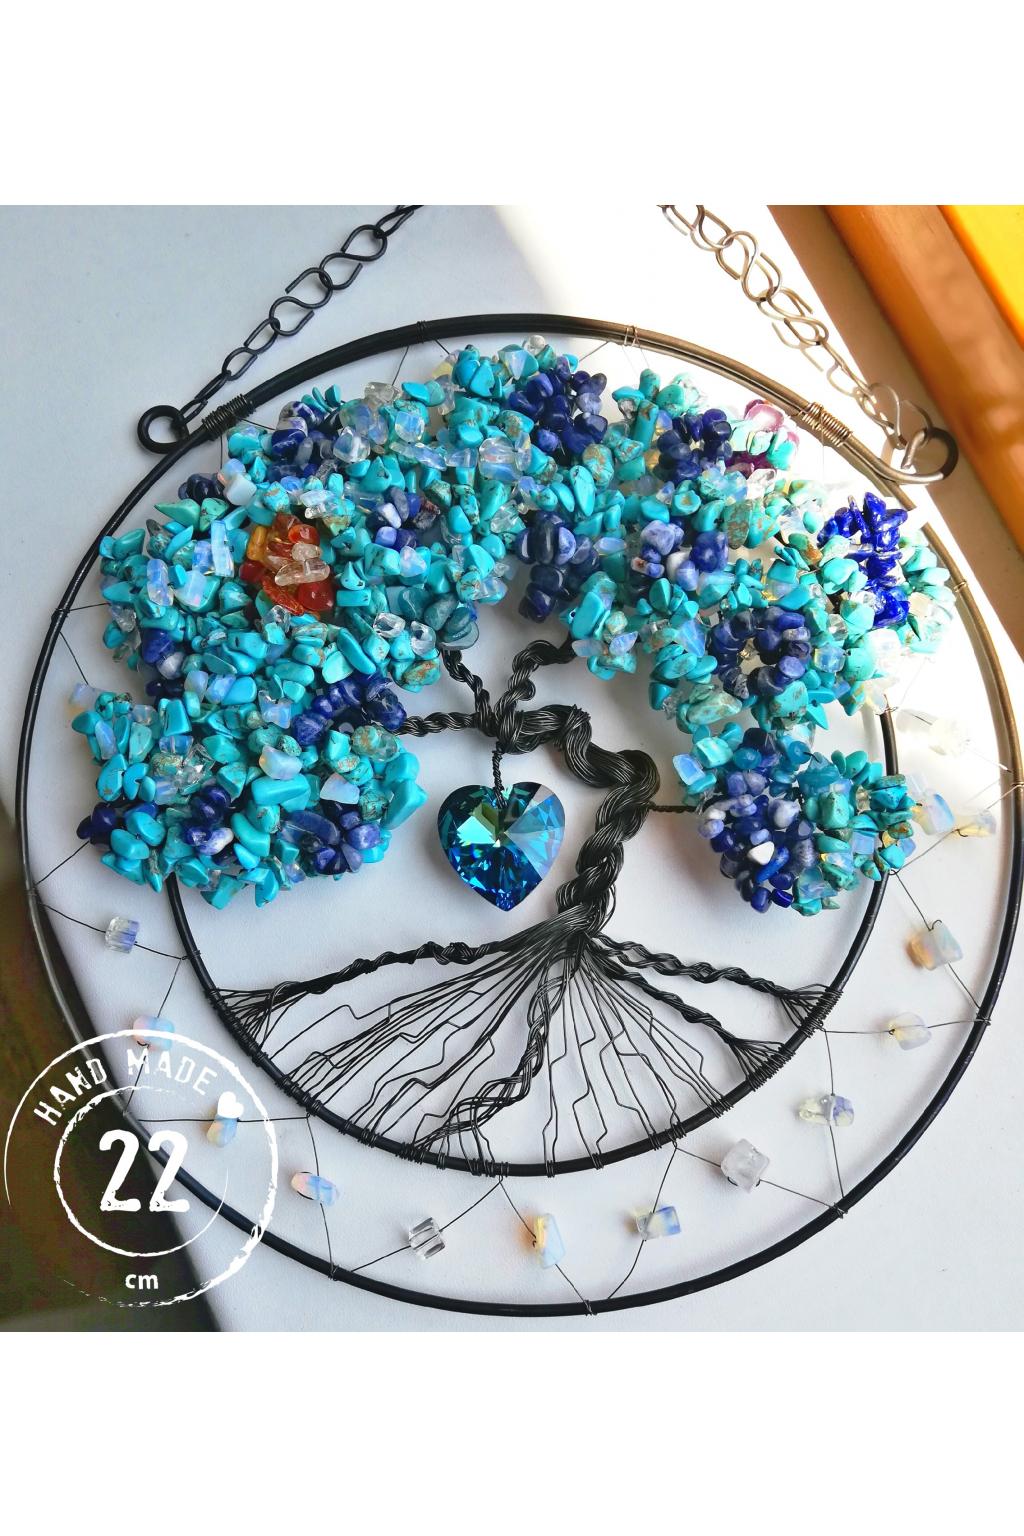 Drátovaný strom života z polodrahokamů - Vnáším mír do mysli i ducha  22cm